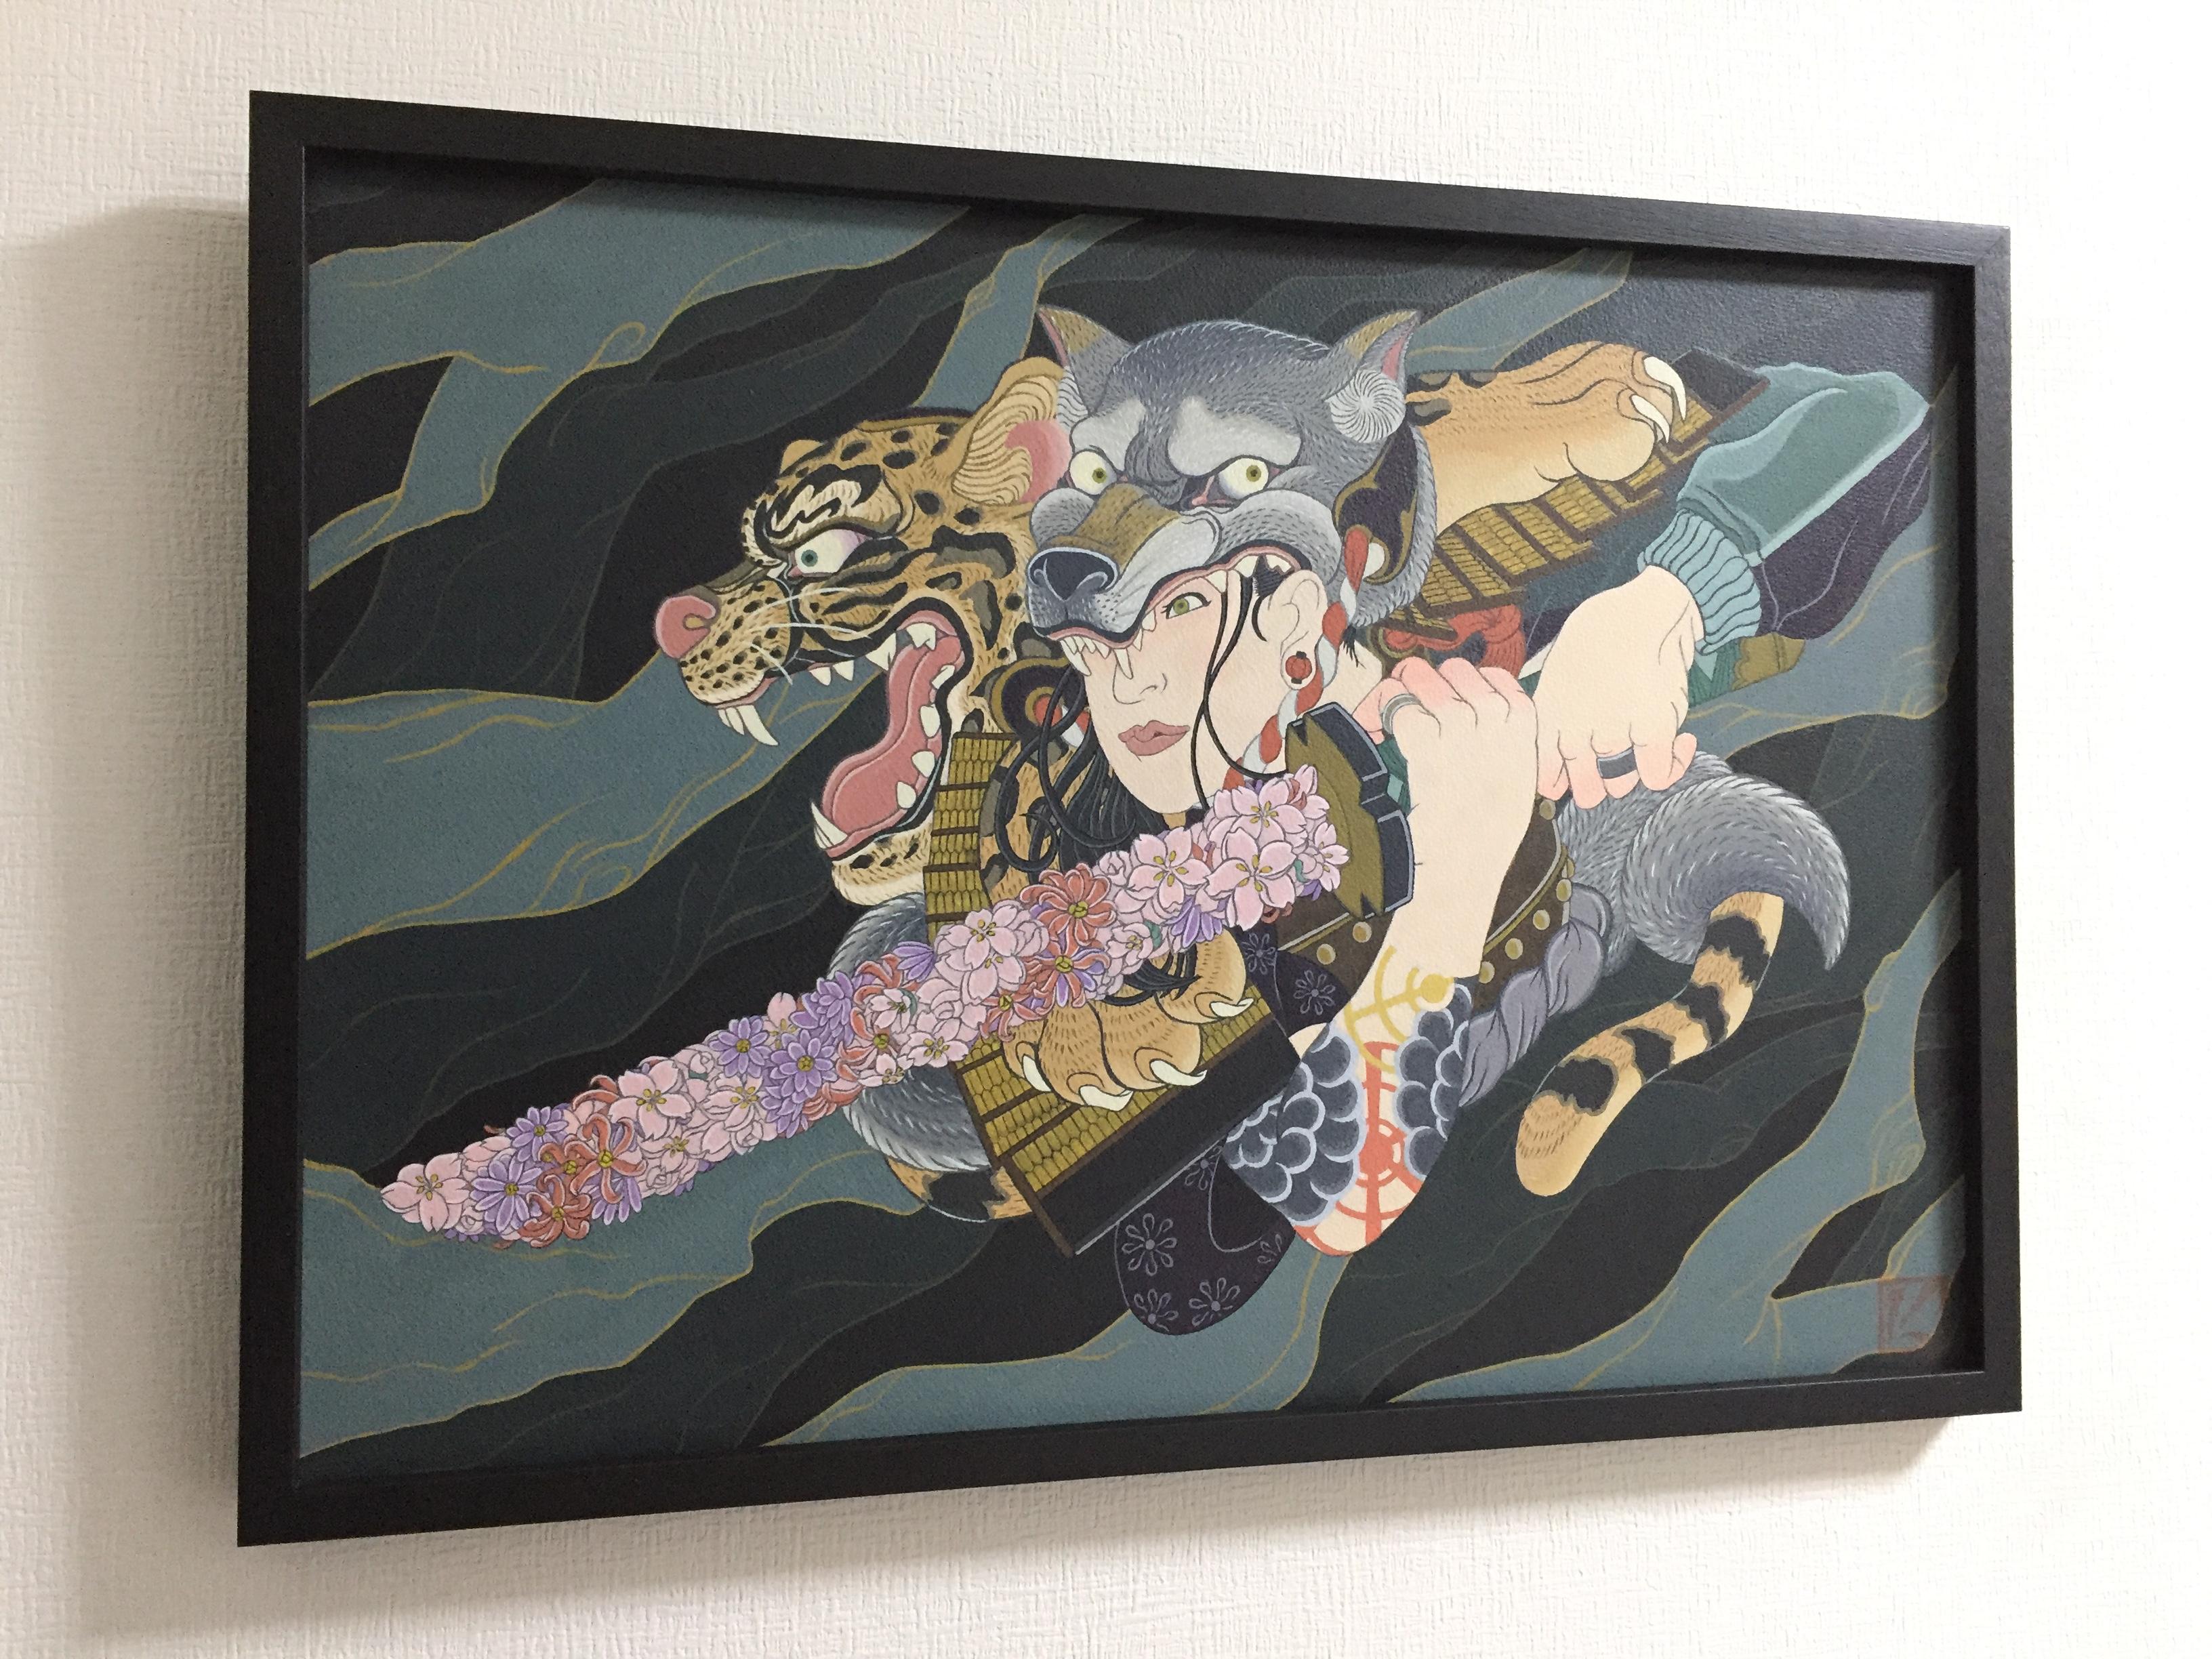 岩崎健児 Kenji Iwasaki 浮世絵 画家 イラストレーター 絵 和風 渋い 伝統 ポップ